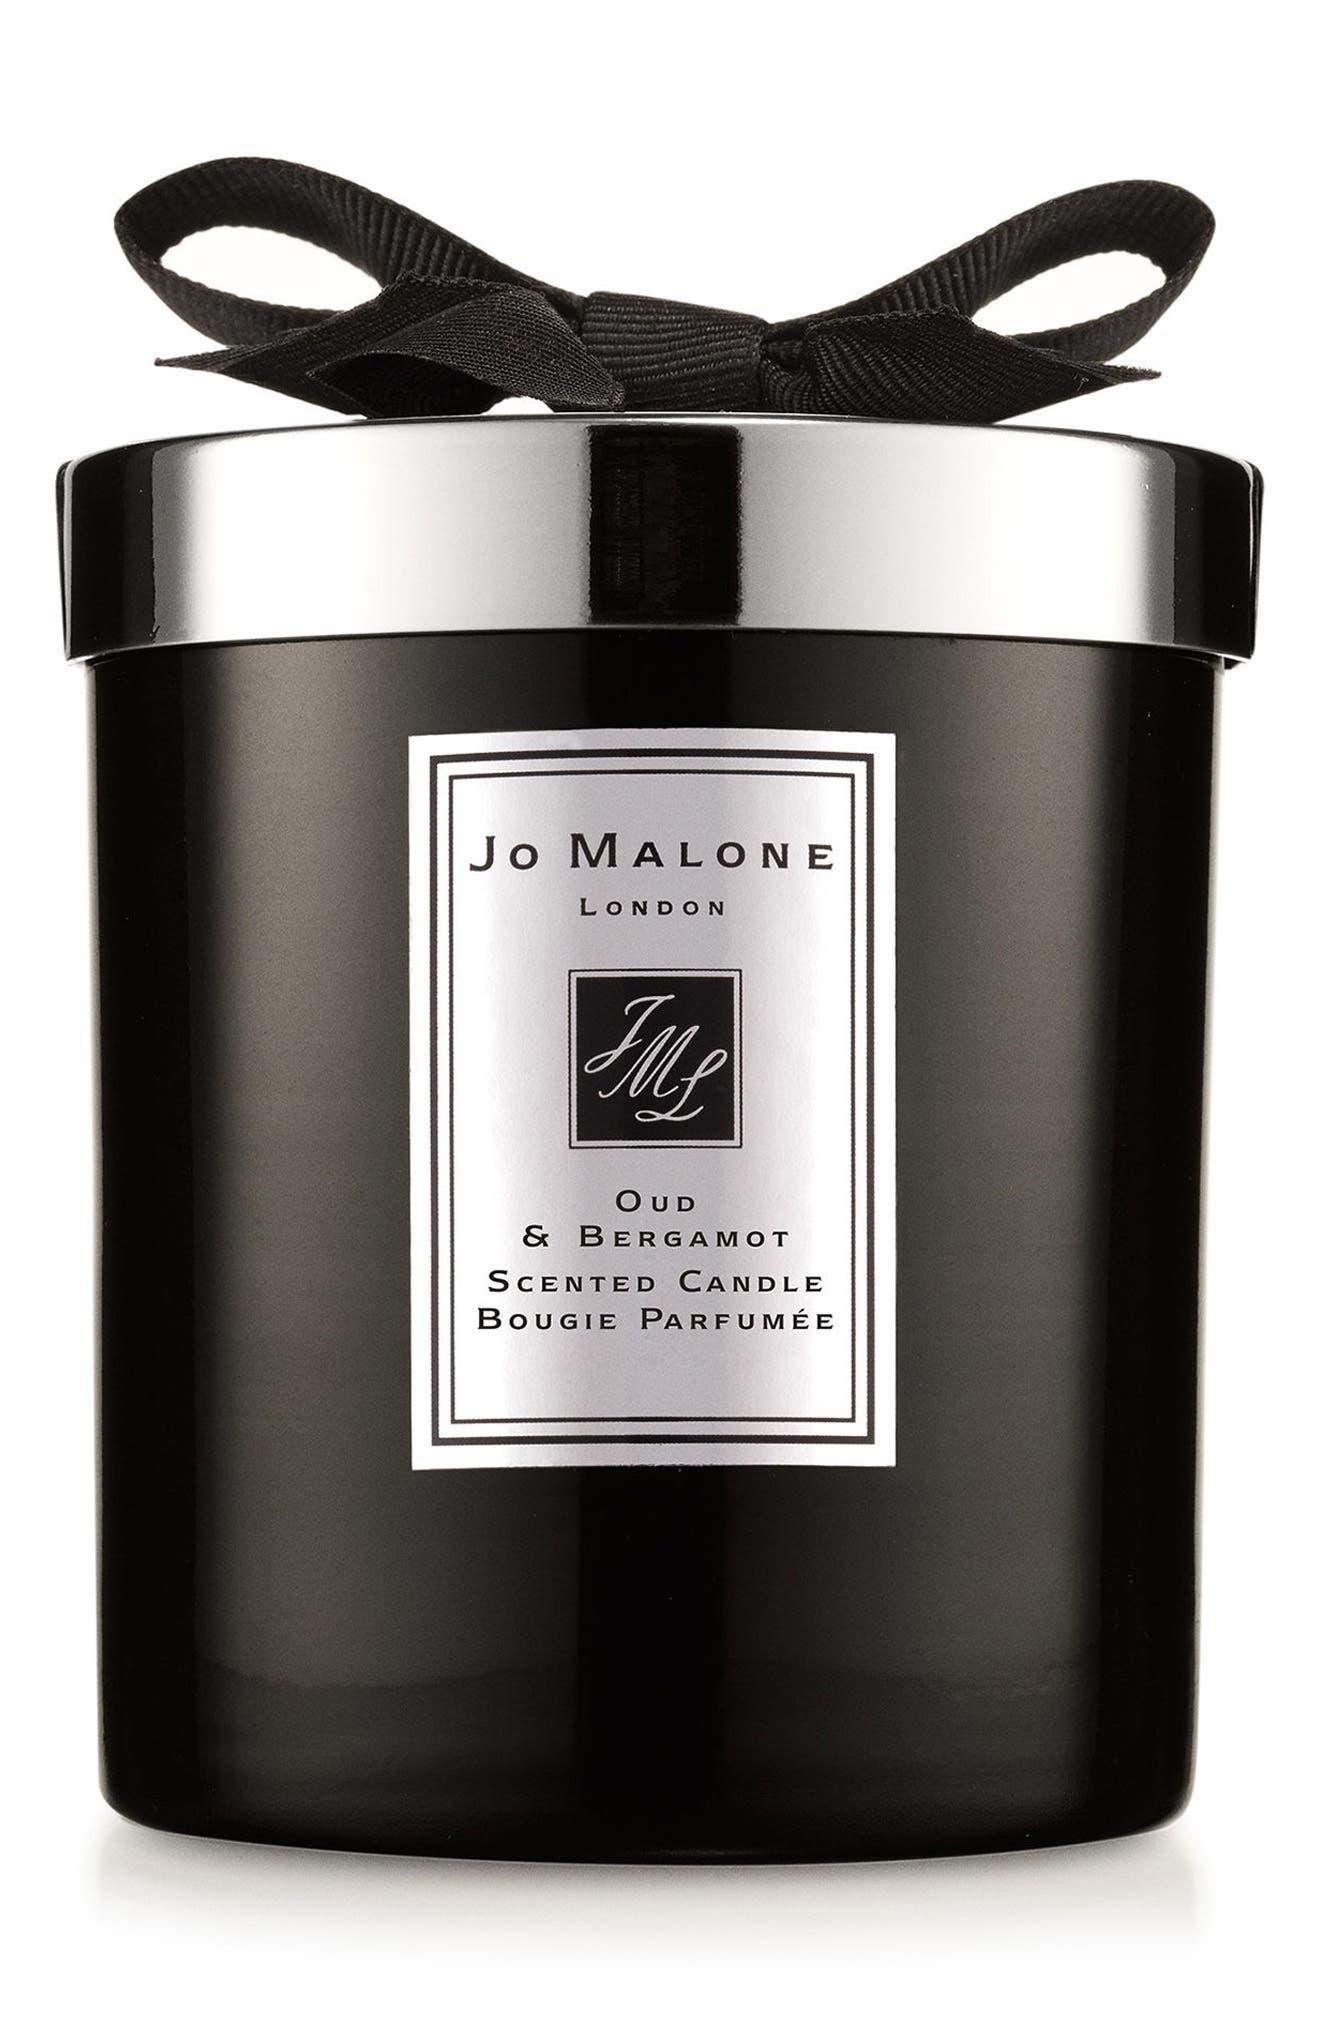 Jo Malone™ Oud & Bergamot Candle